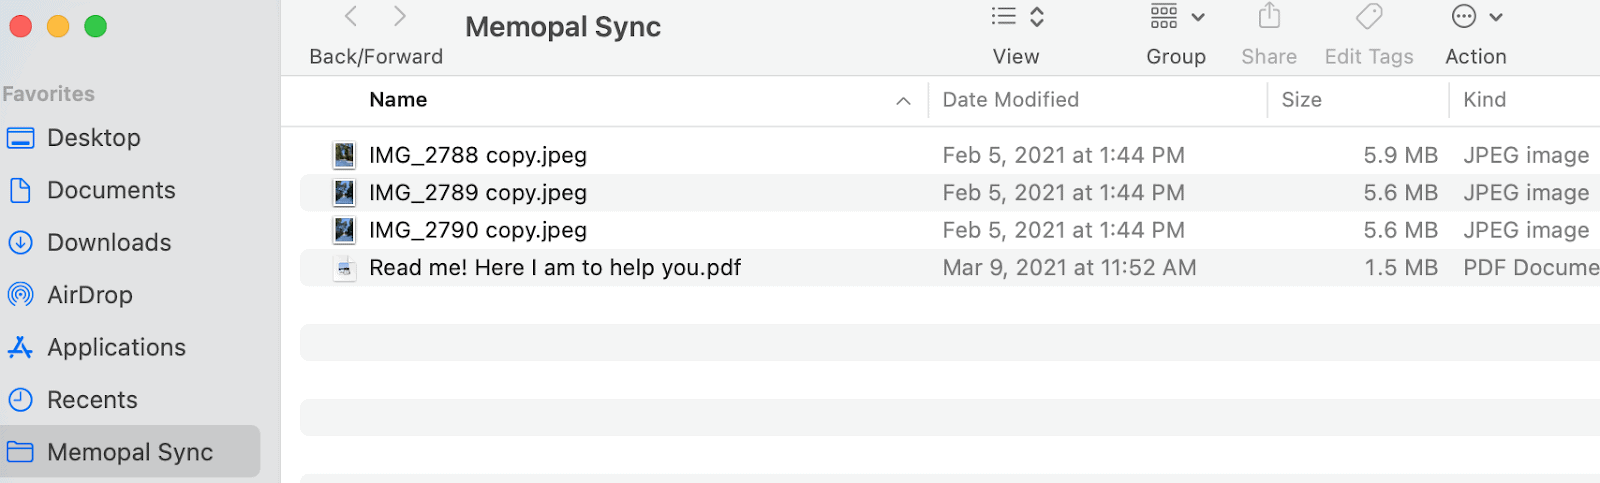 Memopal Sync Folder On A Mac